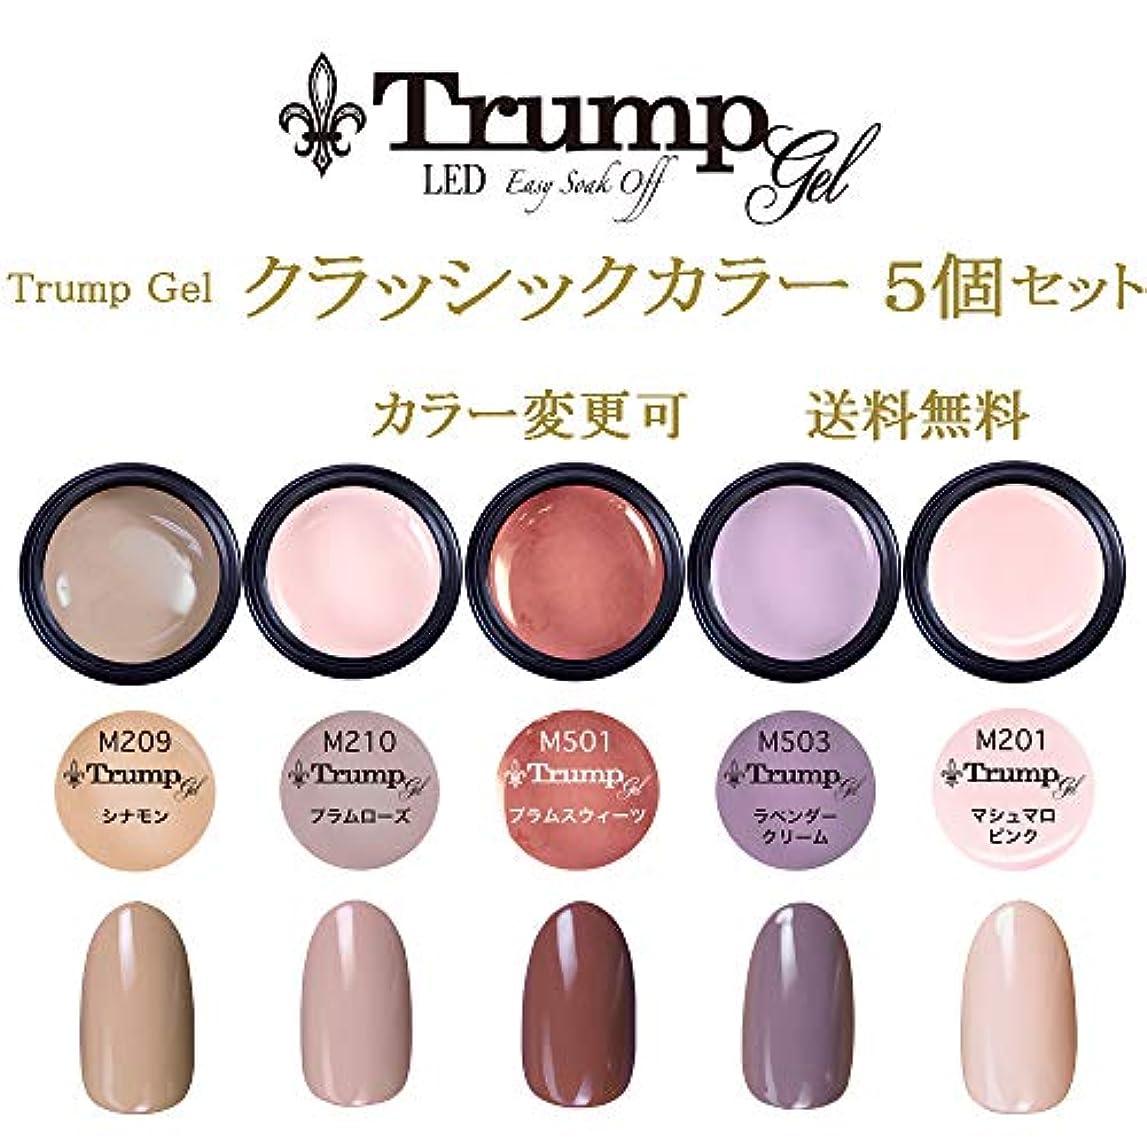 パーティション覚えている反対に【送料無料】日本製 Trump gel トランプジェル クラッシックカラー 選べる カラージェル 5個セット クラッシック ベージュ ブラウン ホワイト ラメ カラー